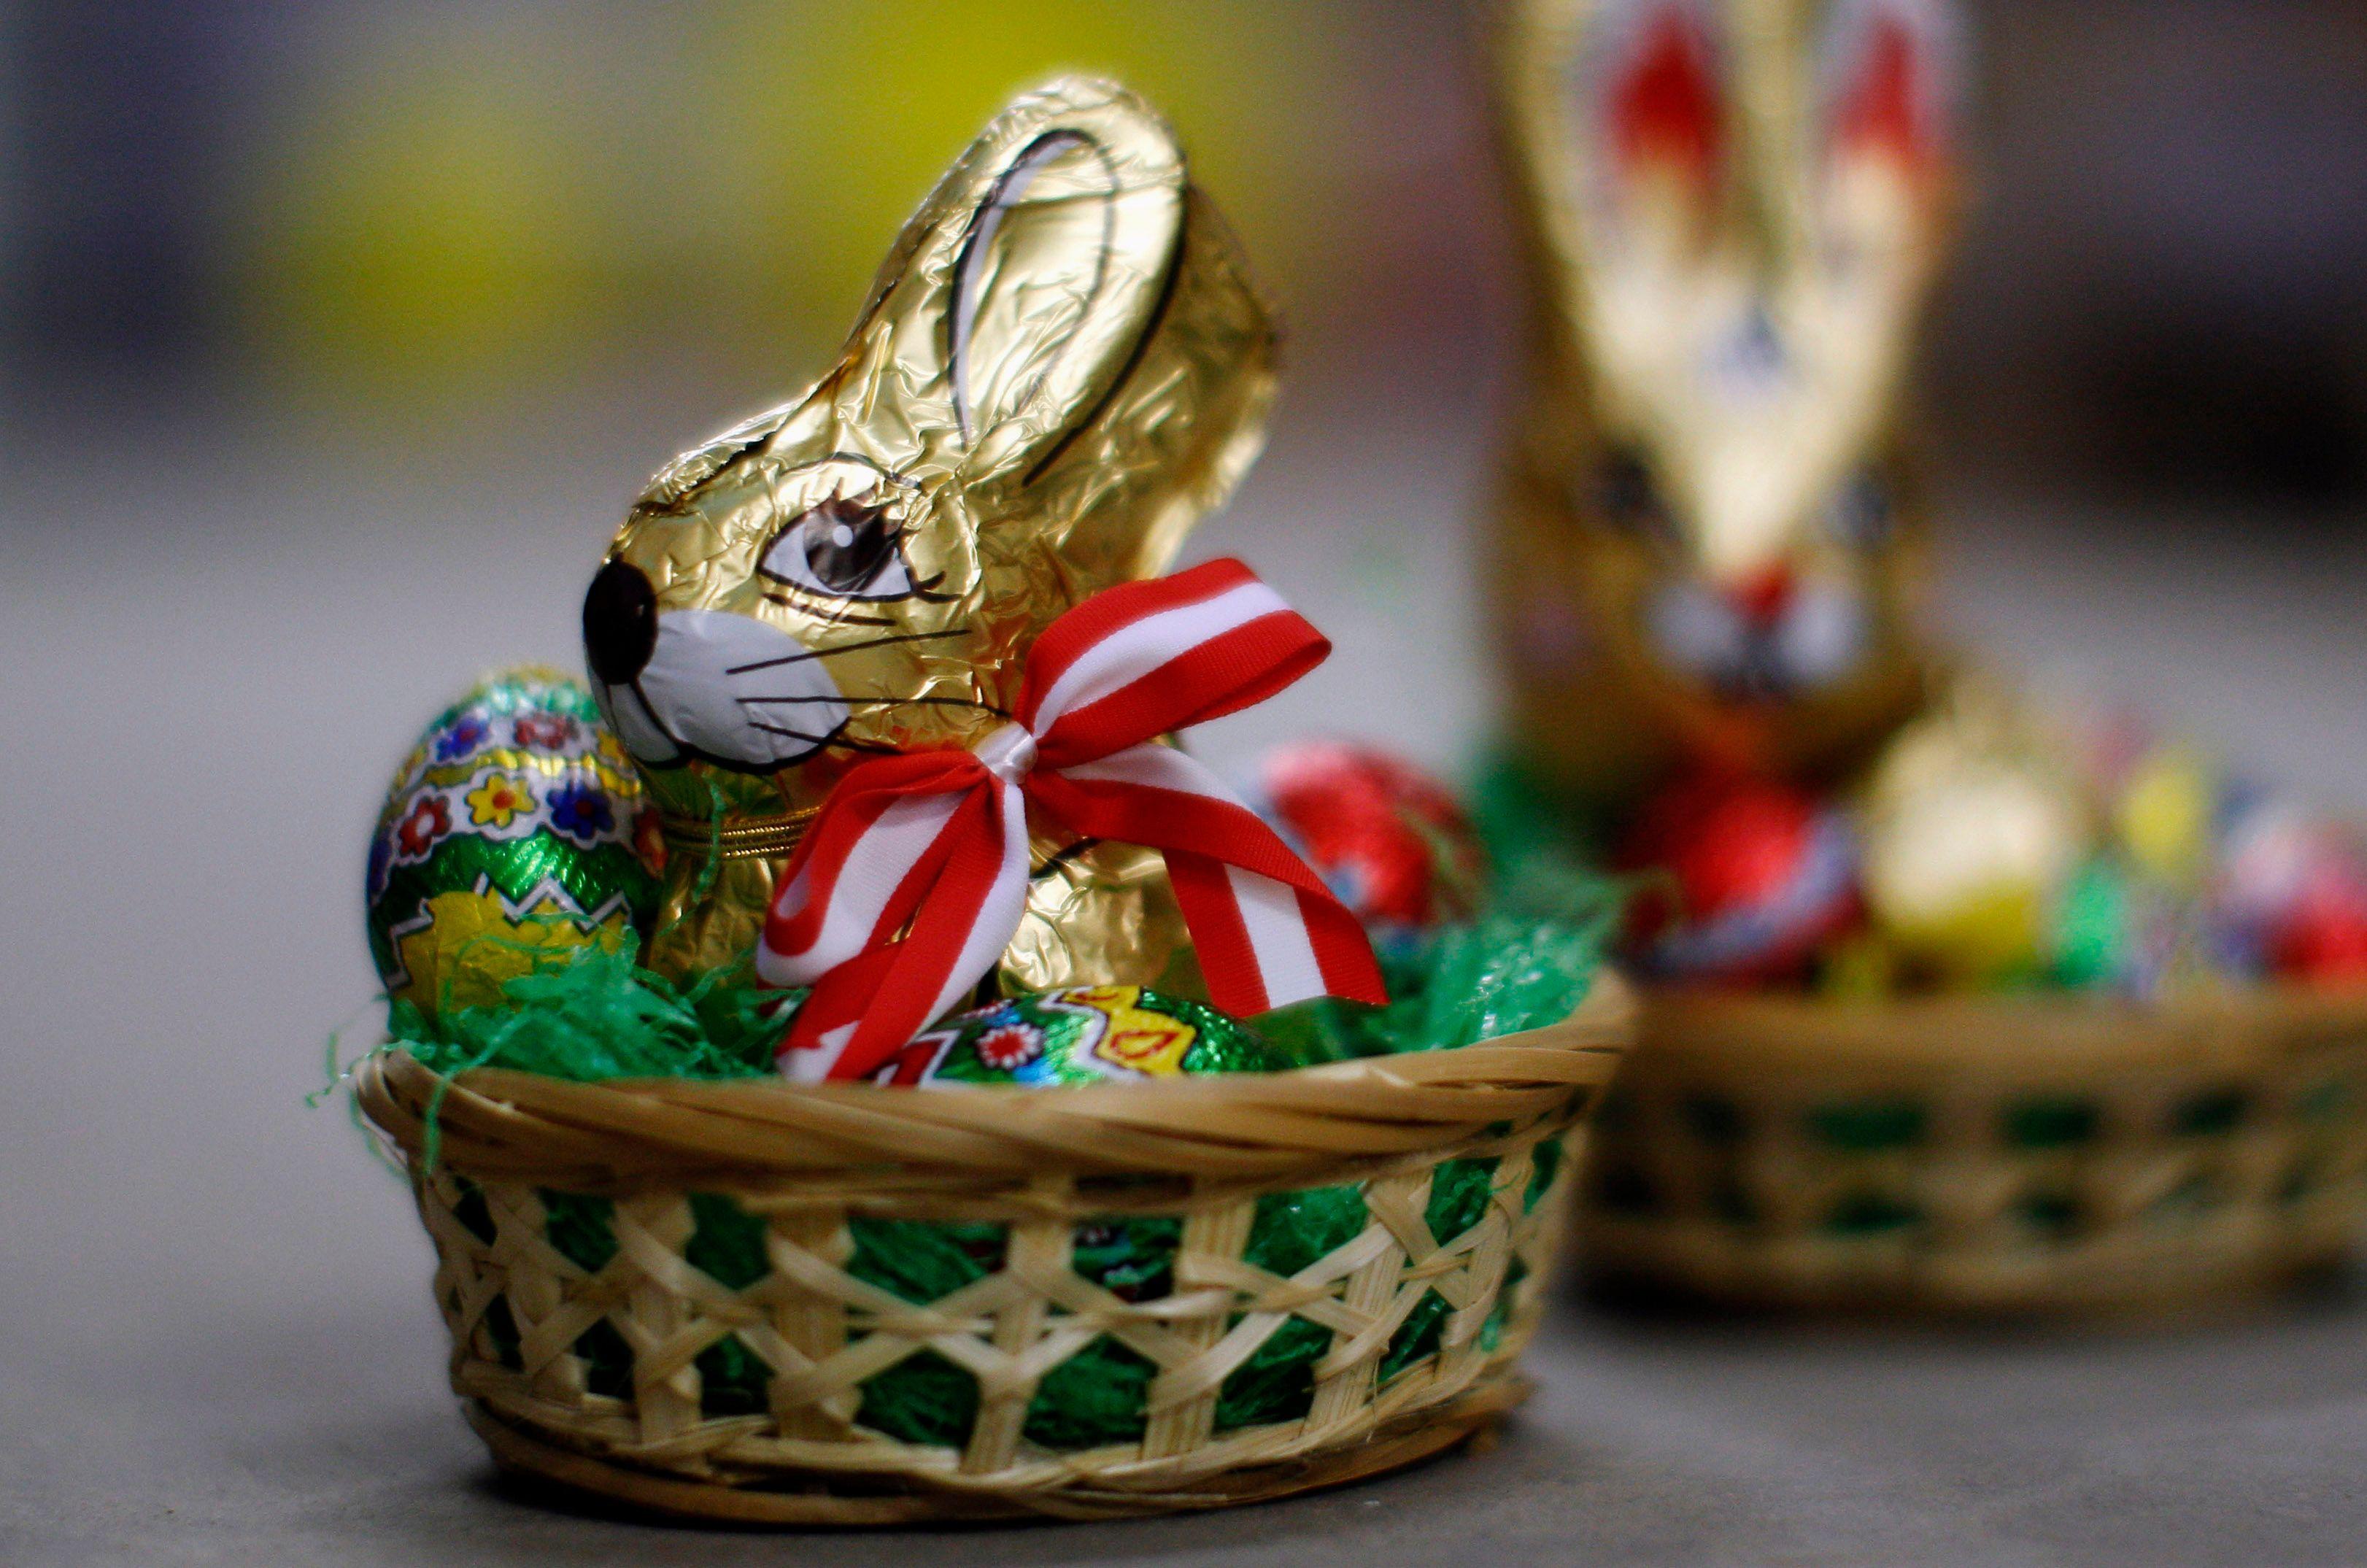 Durant les fêtes de Pâques, la consommation de chocolat connait un pic.